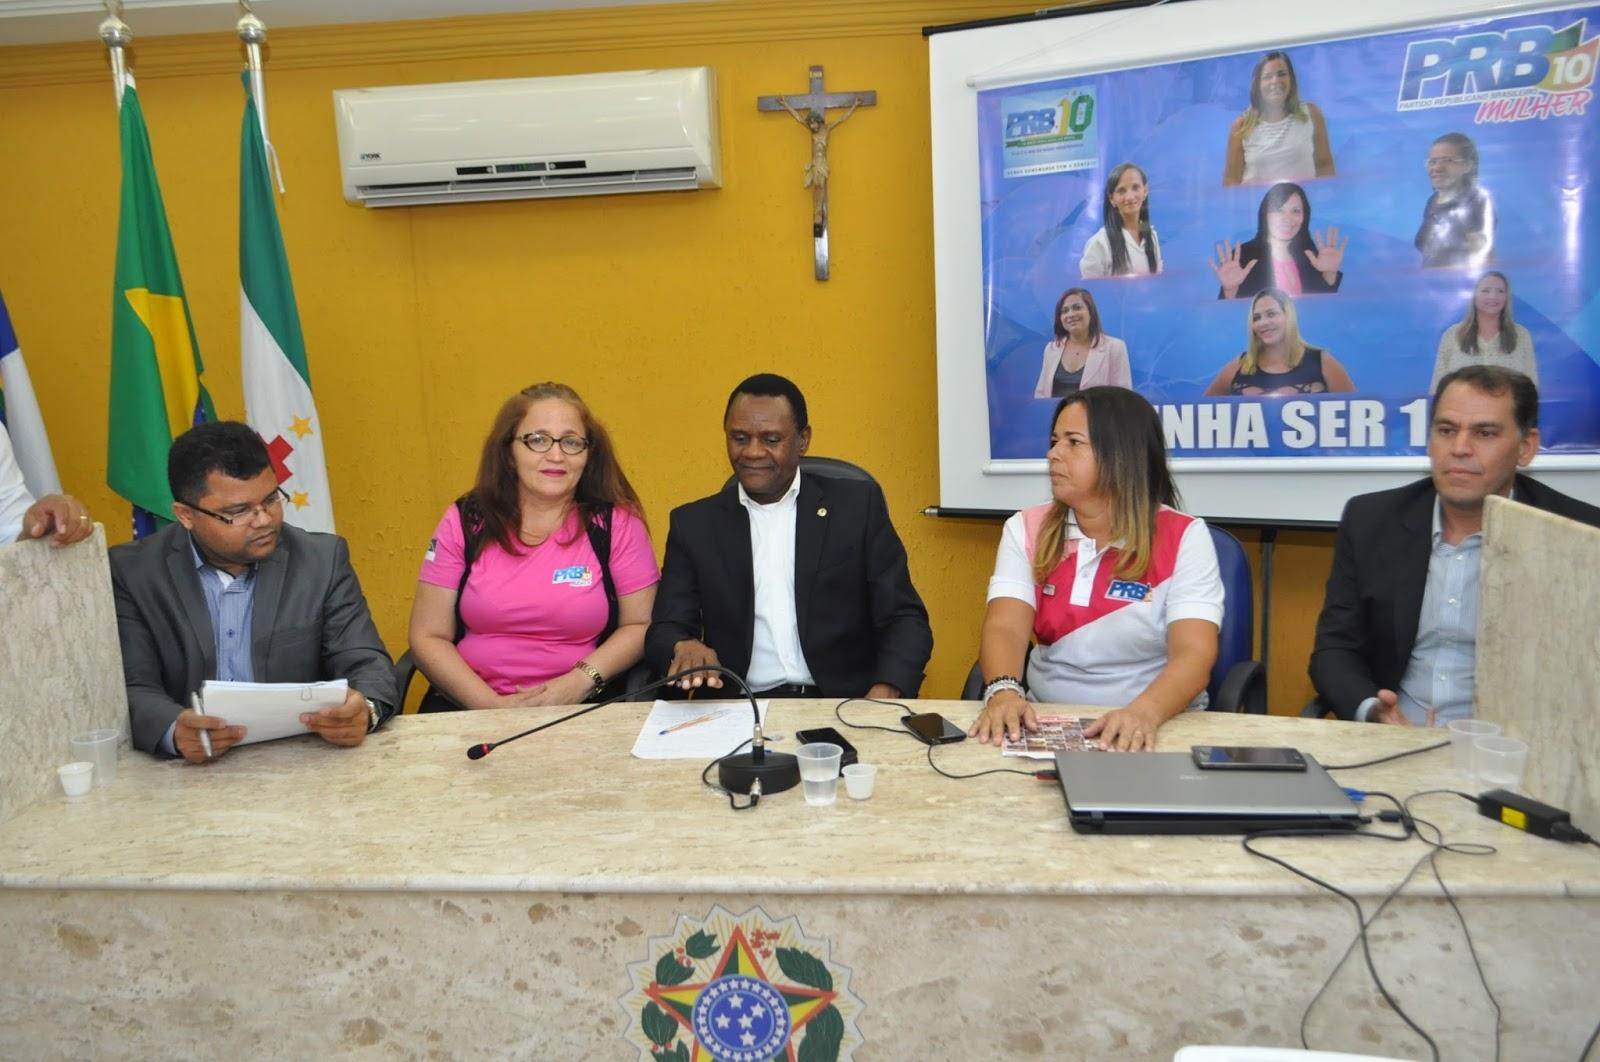 PRB Mulher toma posse em São Lourenço da Mata